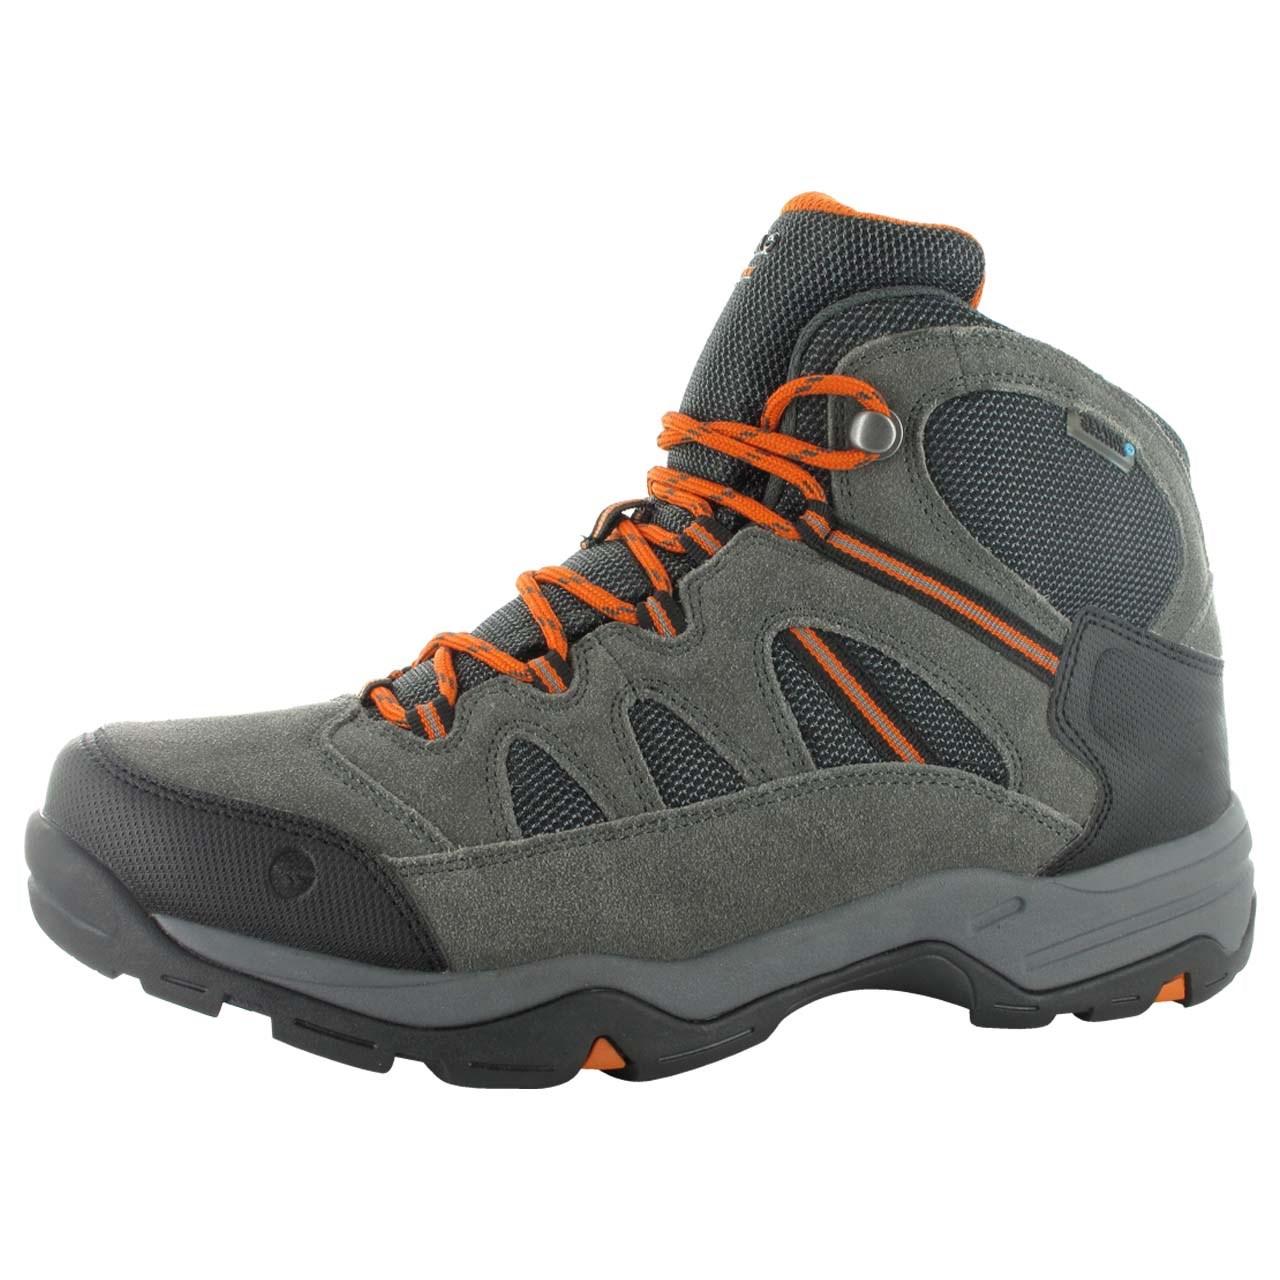 قیمت کفش کوهنوردی مردانه های تک مدل Bandera